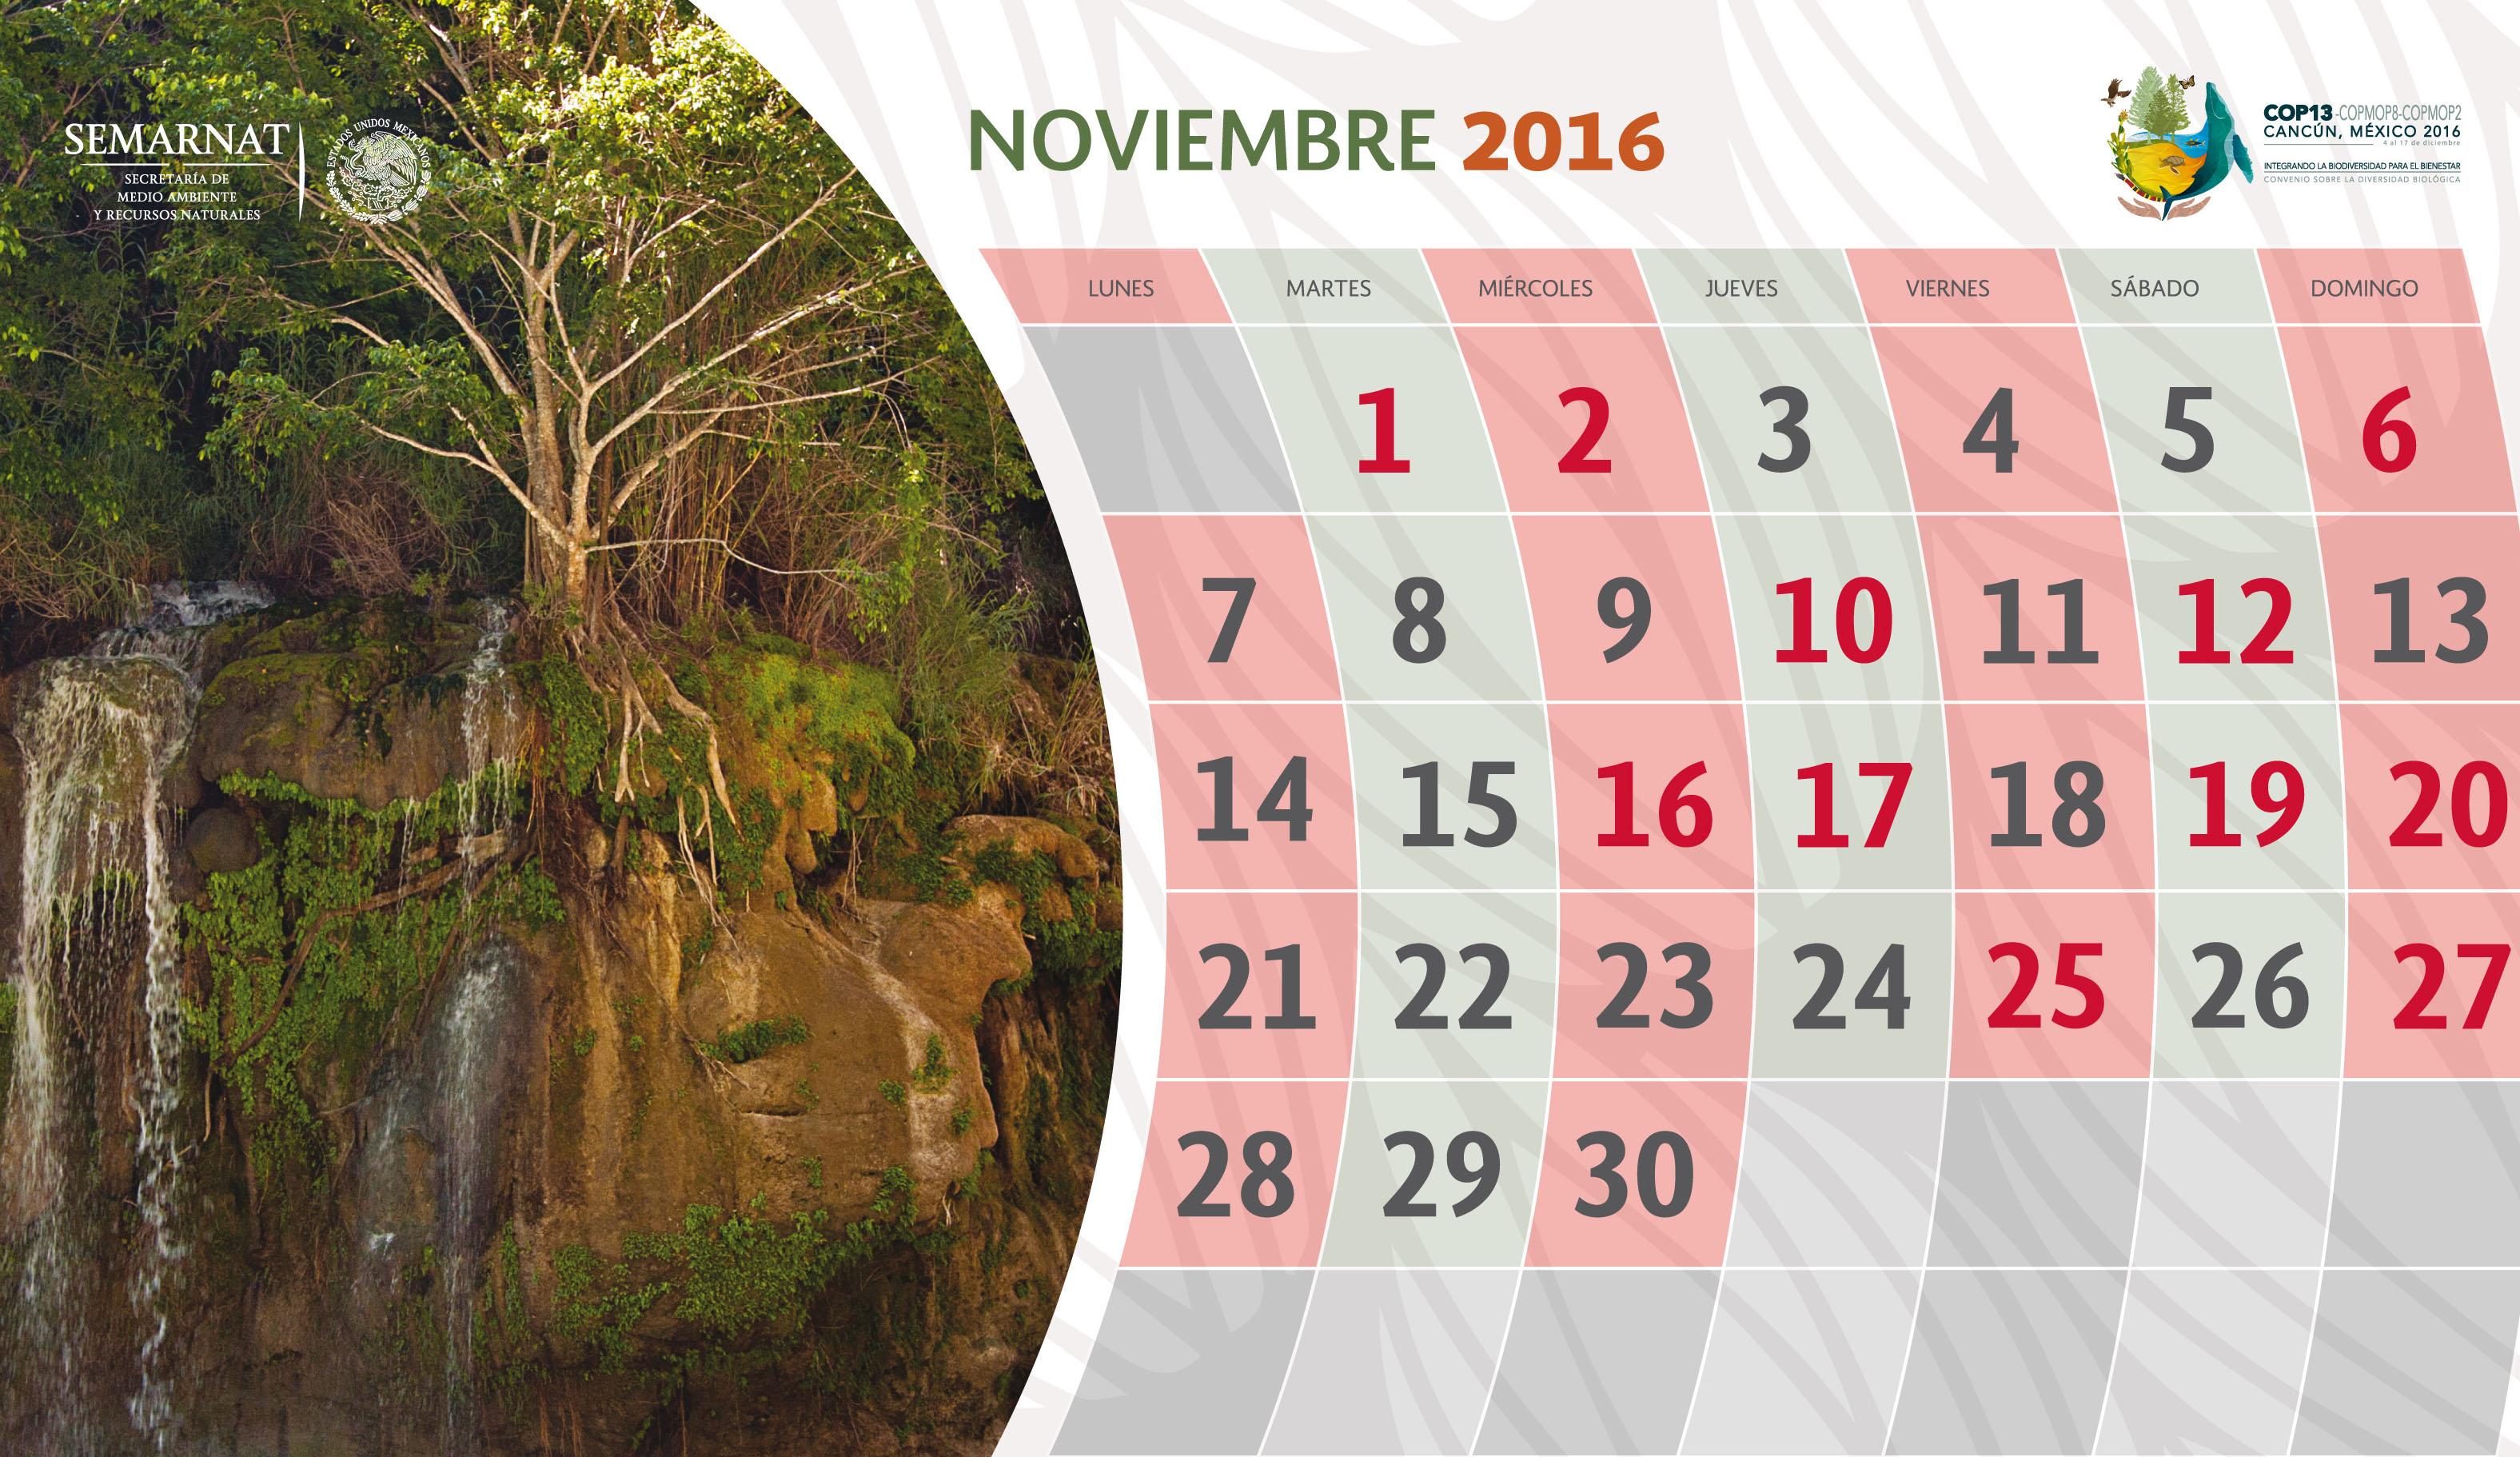 Efemérides y decretos de ANP, noviembre